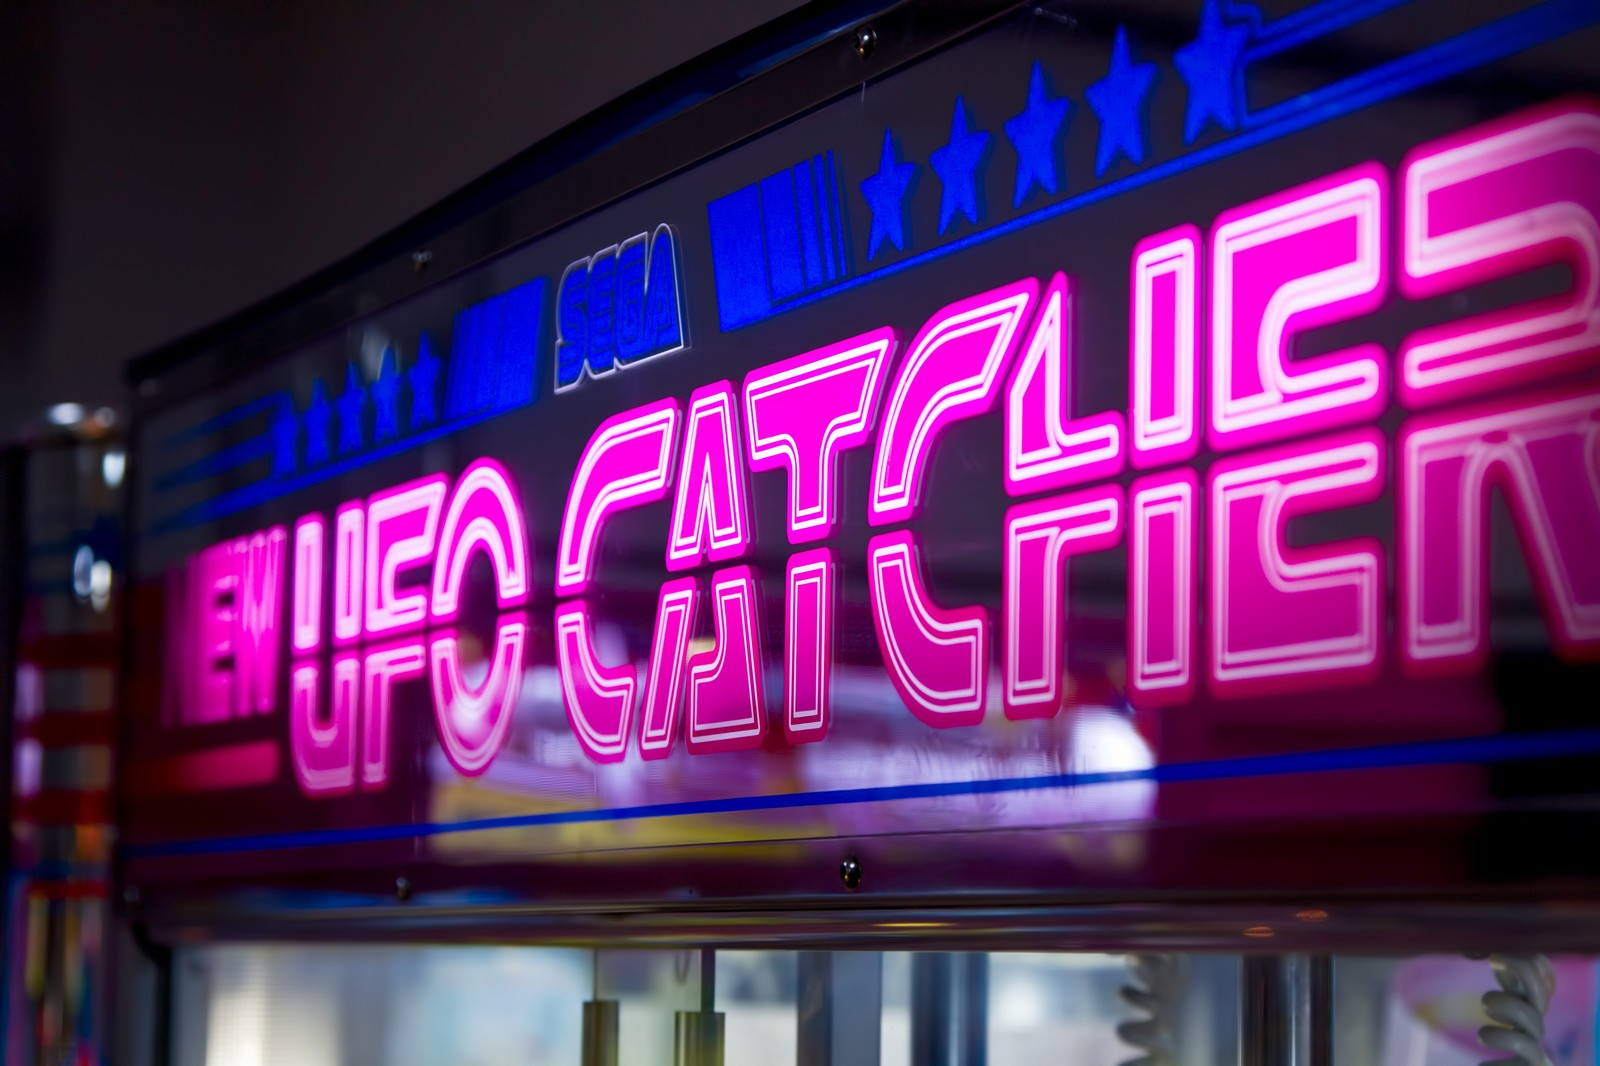 「古いゲームセンターのUFOキャッチャー古いゲームセンターのUFOキャッチャー」のフリー写真素材を拡大